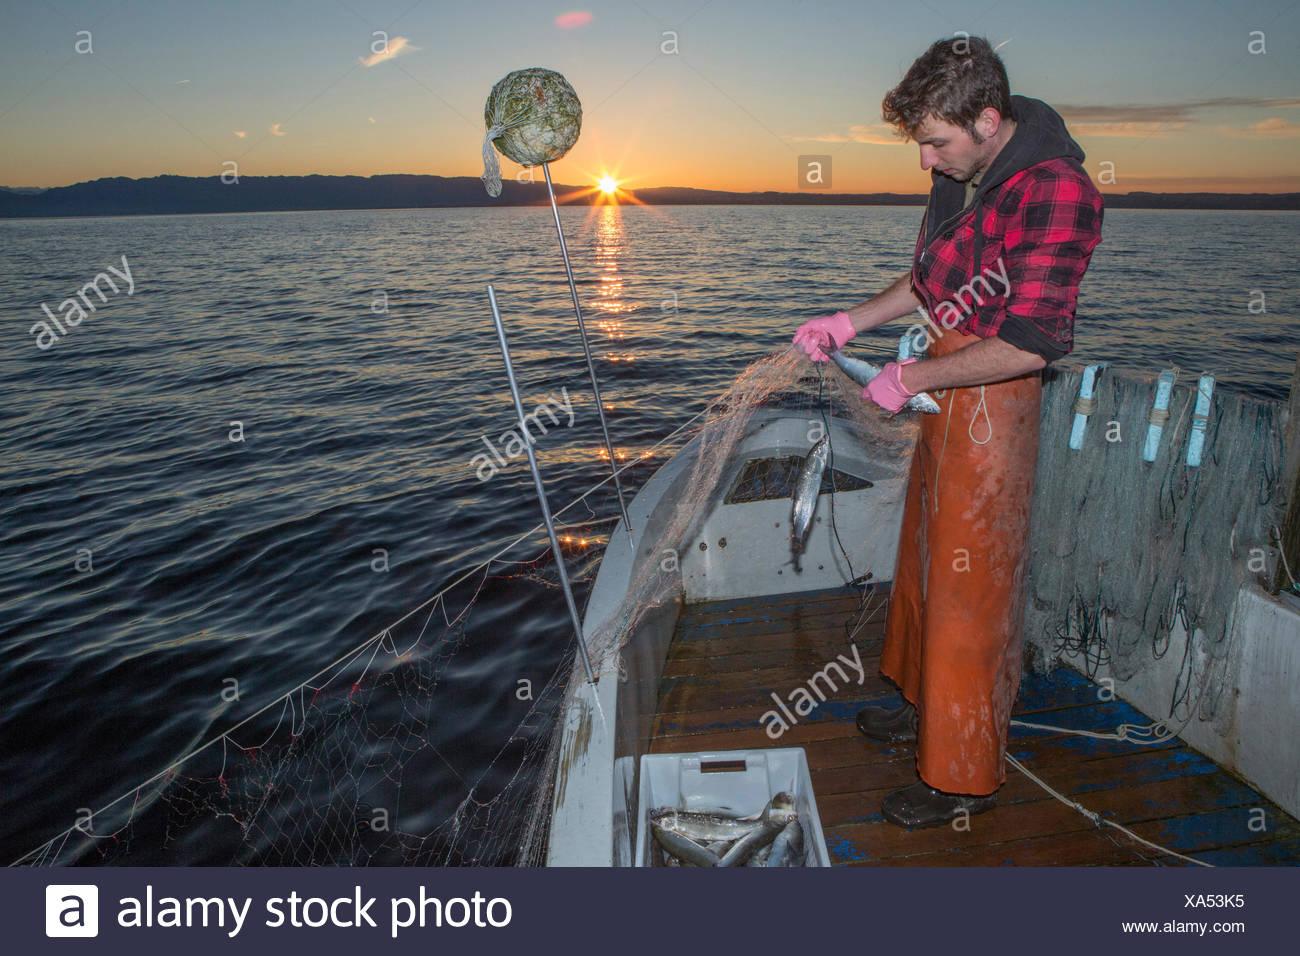 Il lago di Costanza, pescatore, il lago di Costanza, molla, Claudio Timo Görtz, lavoro, lavoro, occupazione, professione, occupazioni professio Immagini Stock